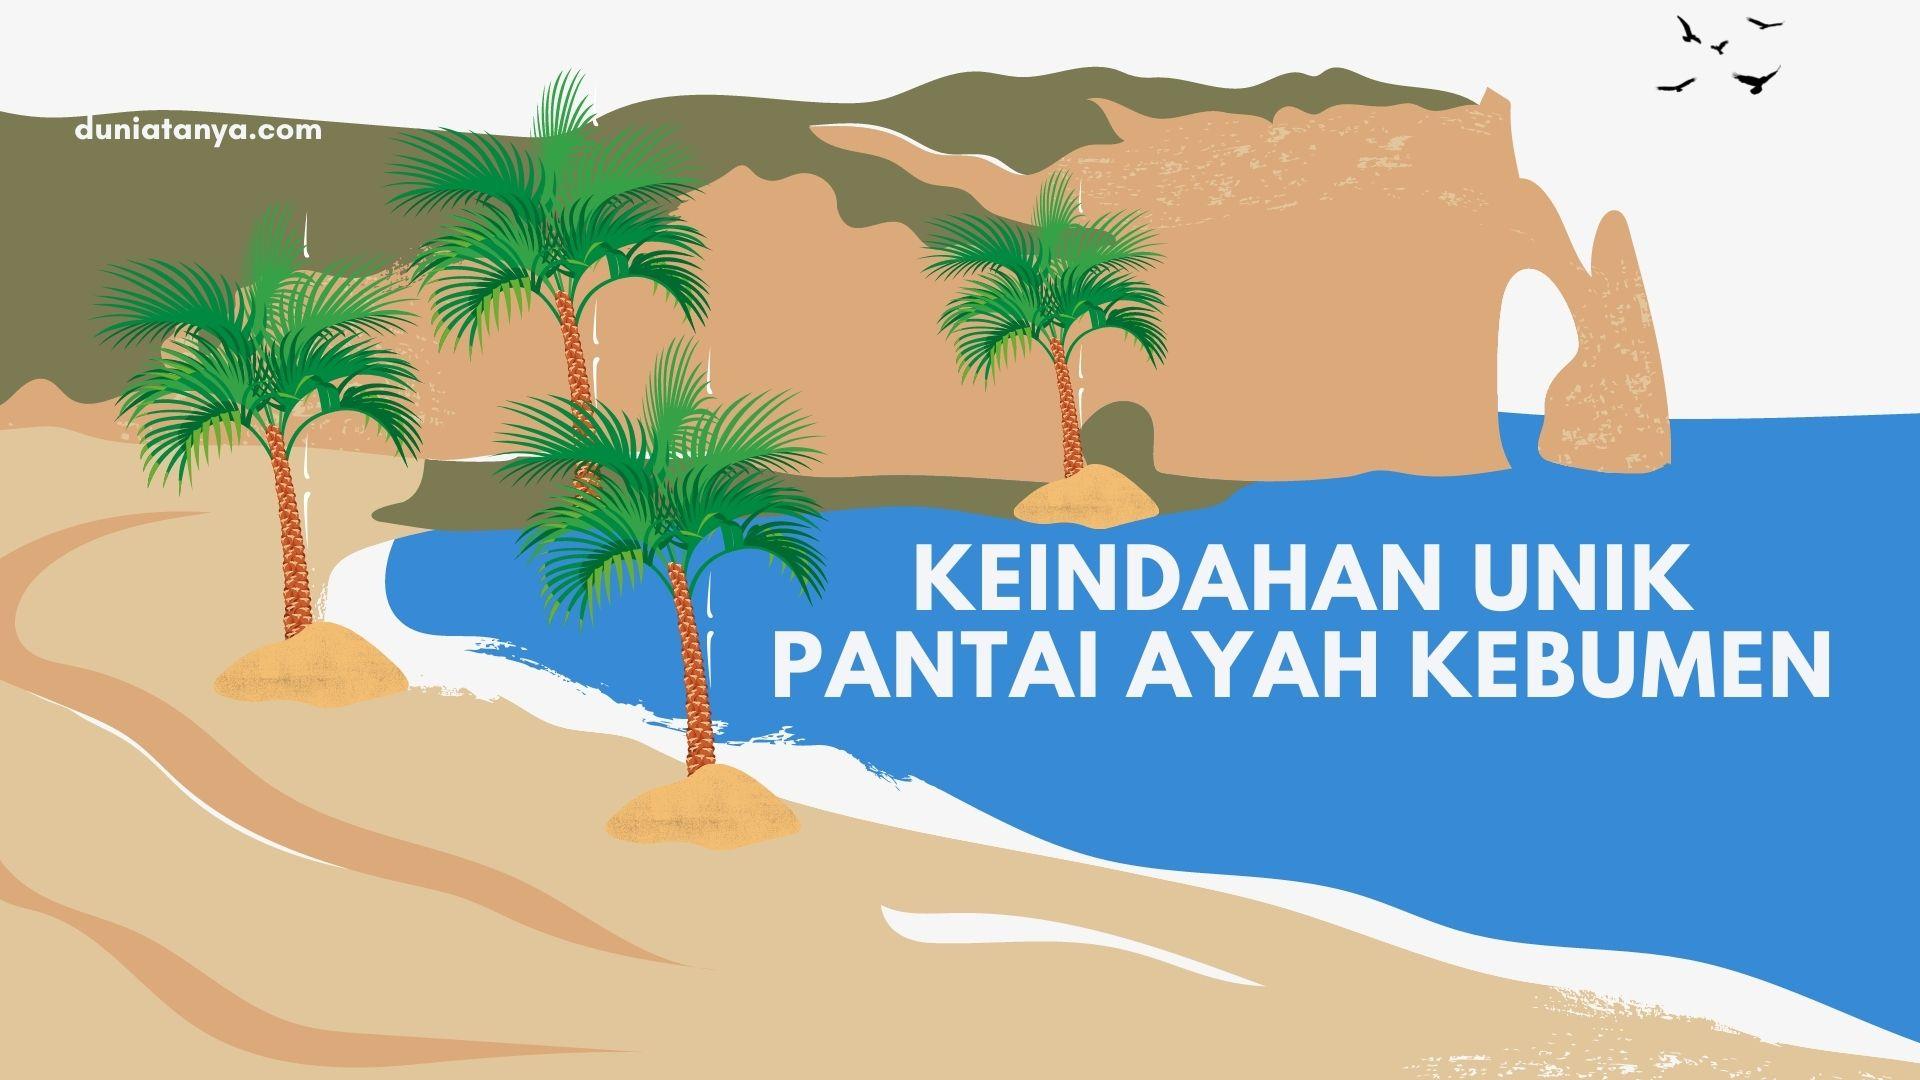 You are currently viewing Keindahan Unik Pantai Ayah Kebumen